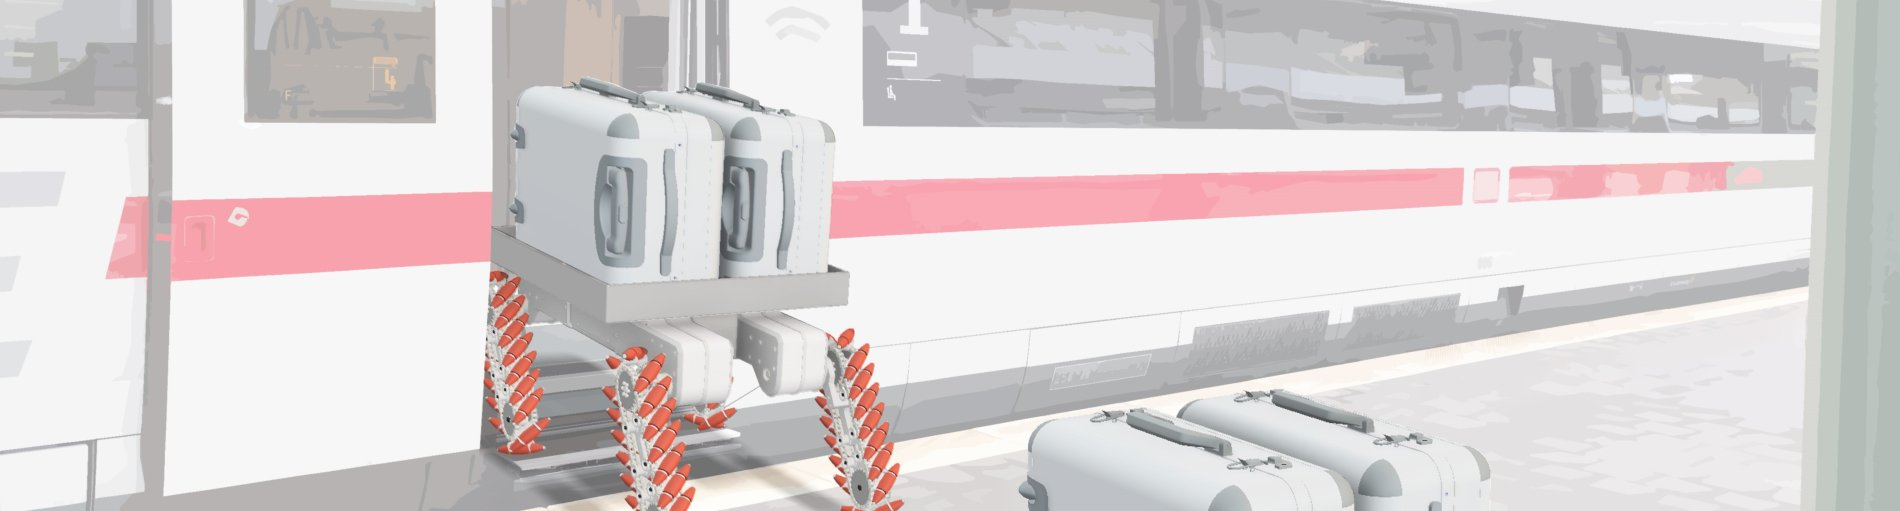 Eine Grafik stellt dar, wie ein Roboter zwei Koffer in einen ICE transportiert.